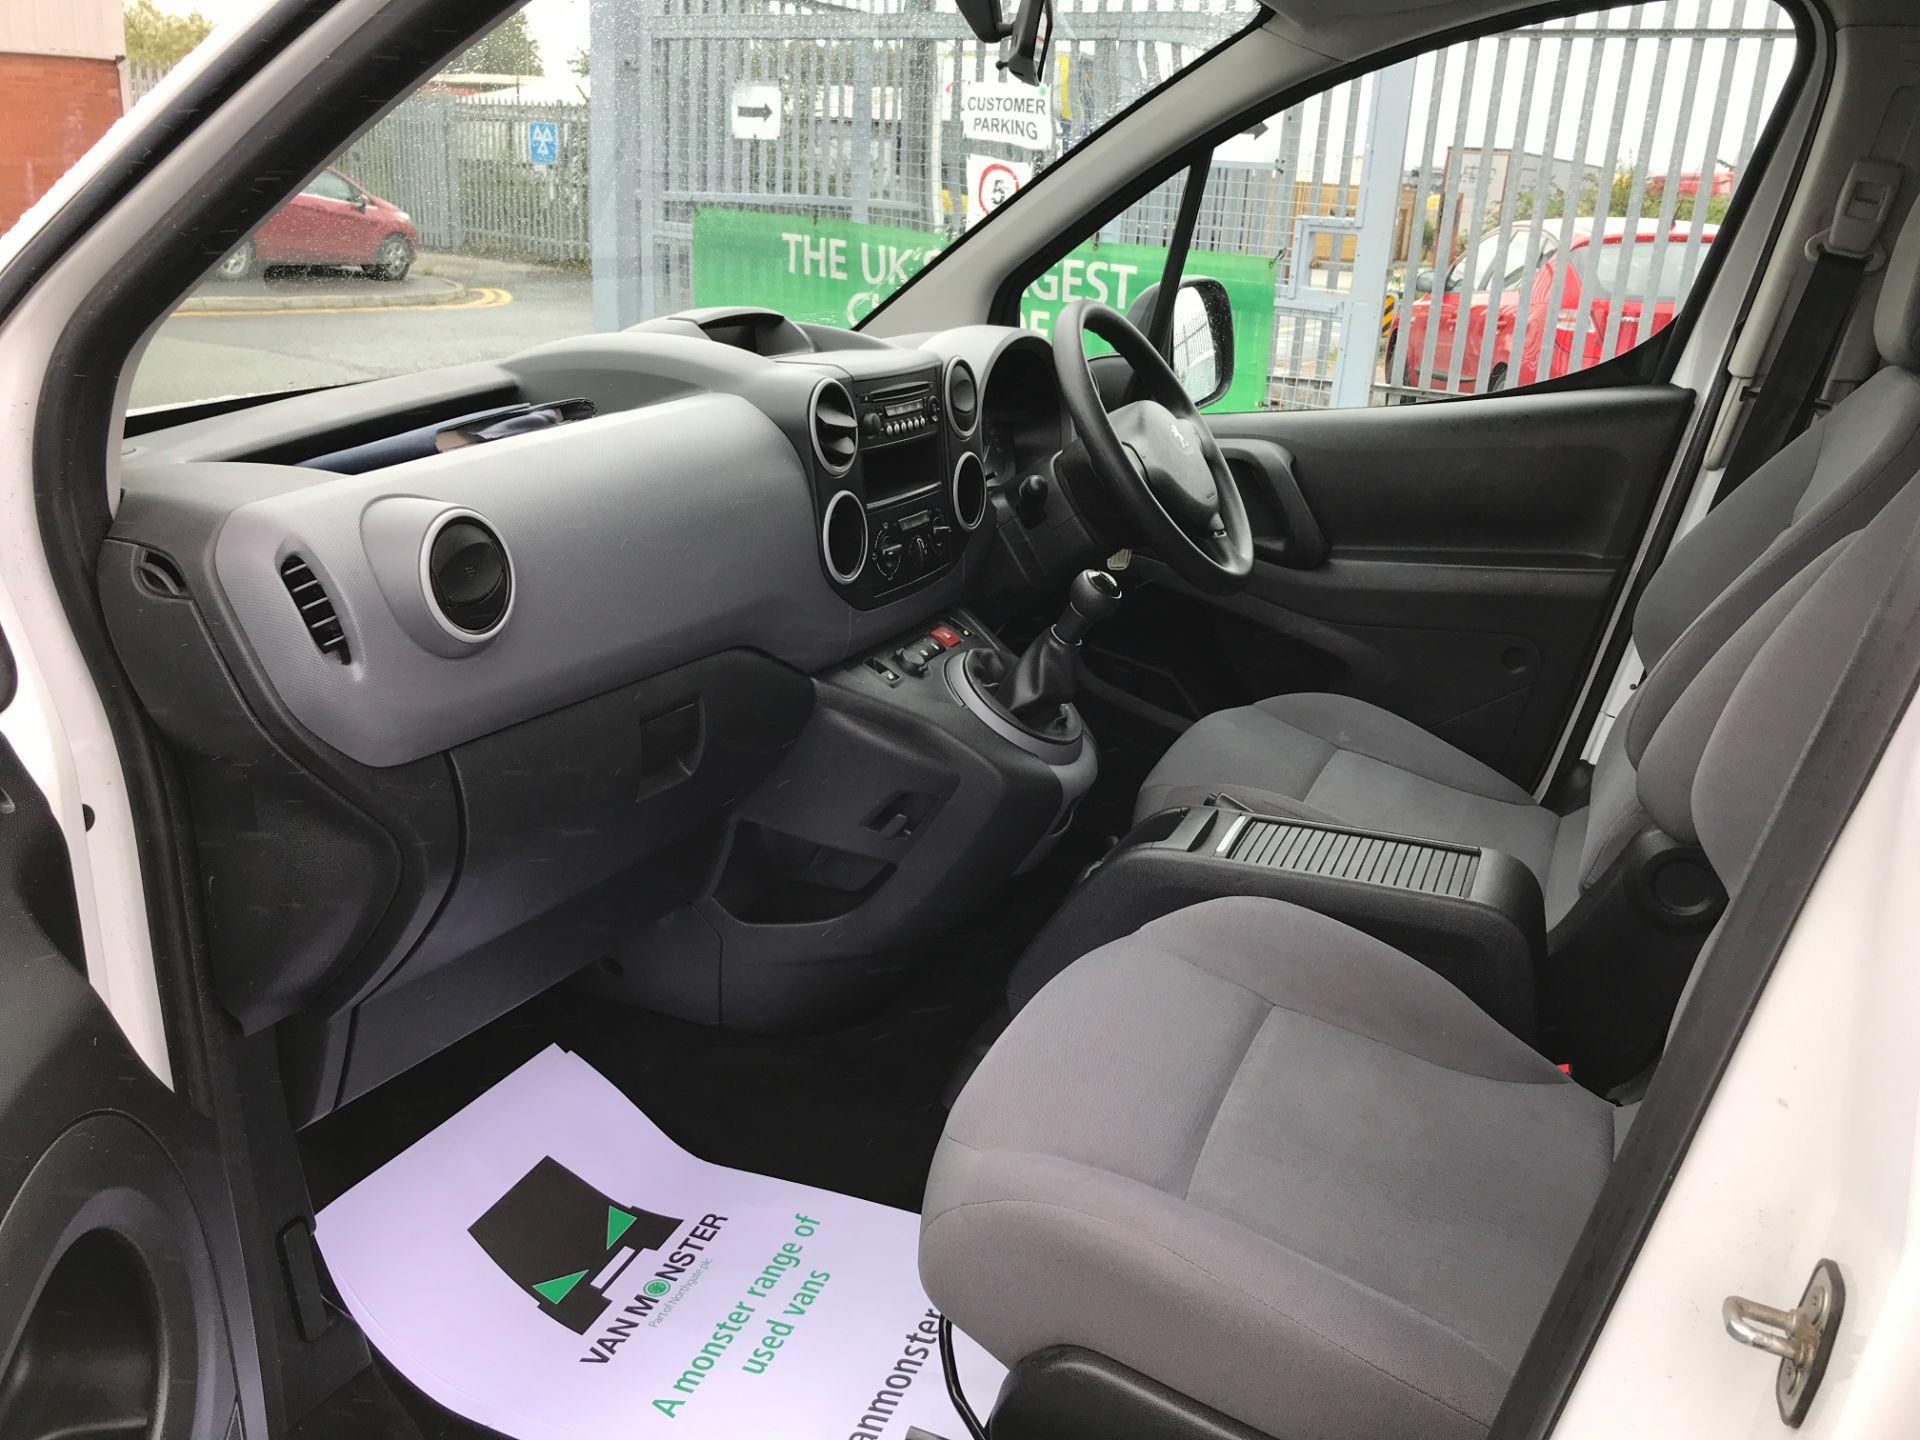 2016 Peugeot Partner L2 715 S 1.6HDI 92PS CREW VAN EURO 5 (NU66GHA) Image 12